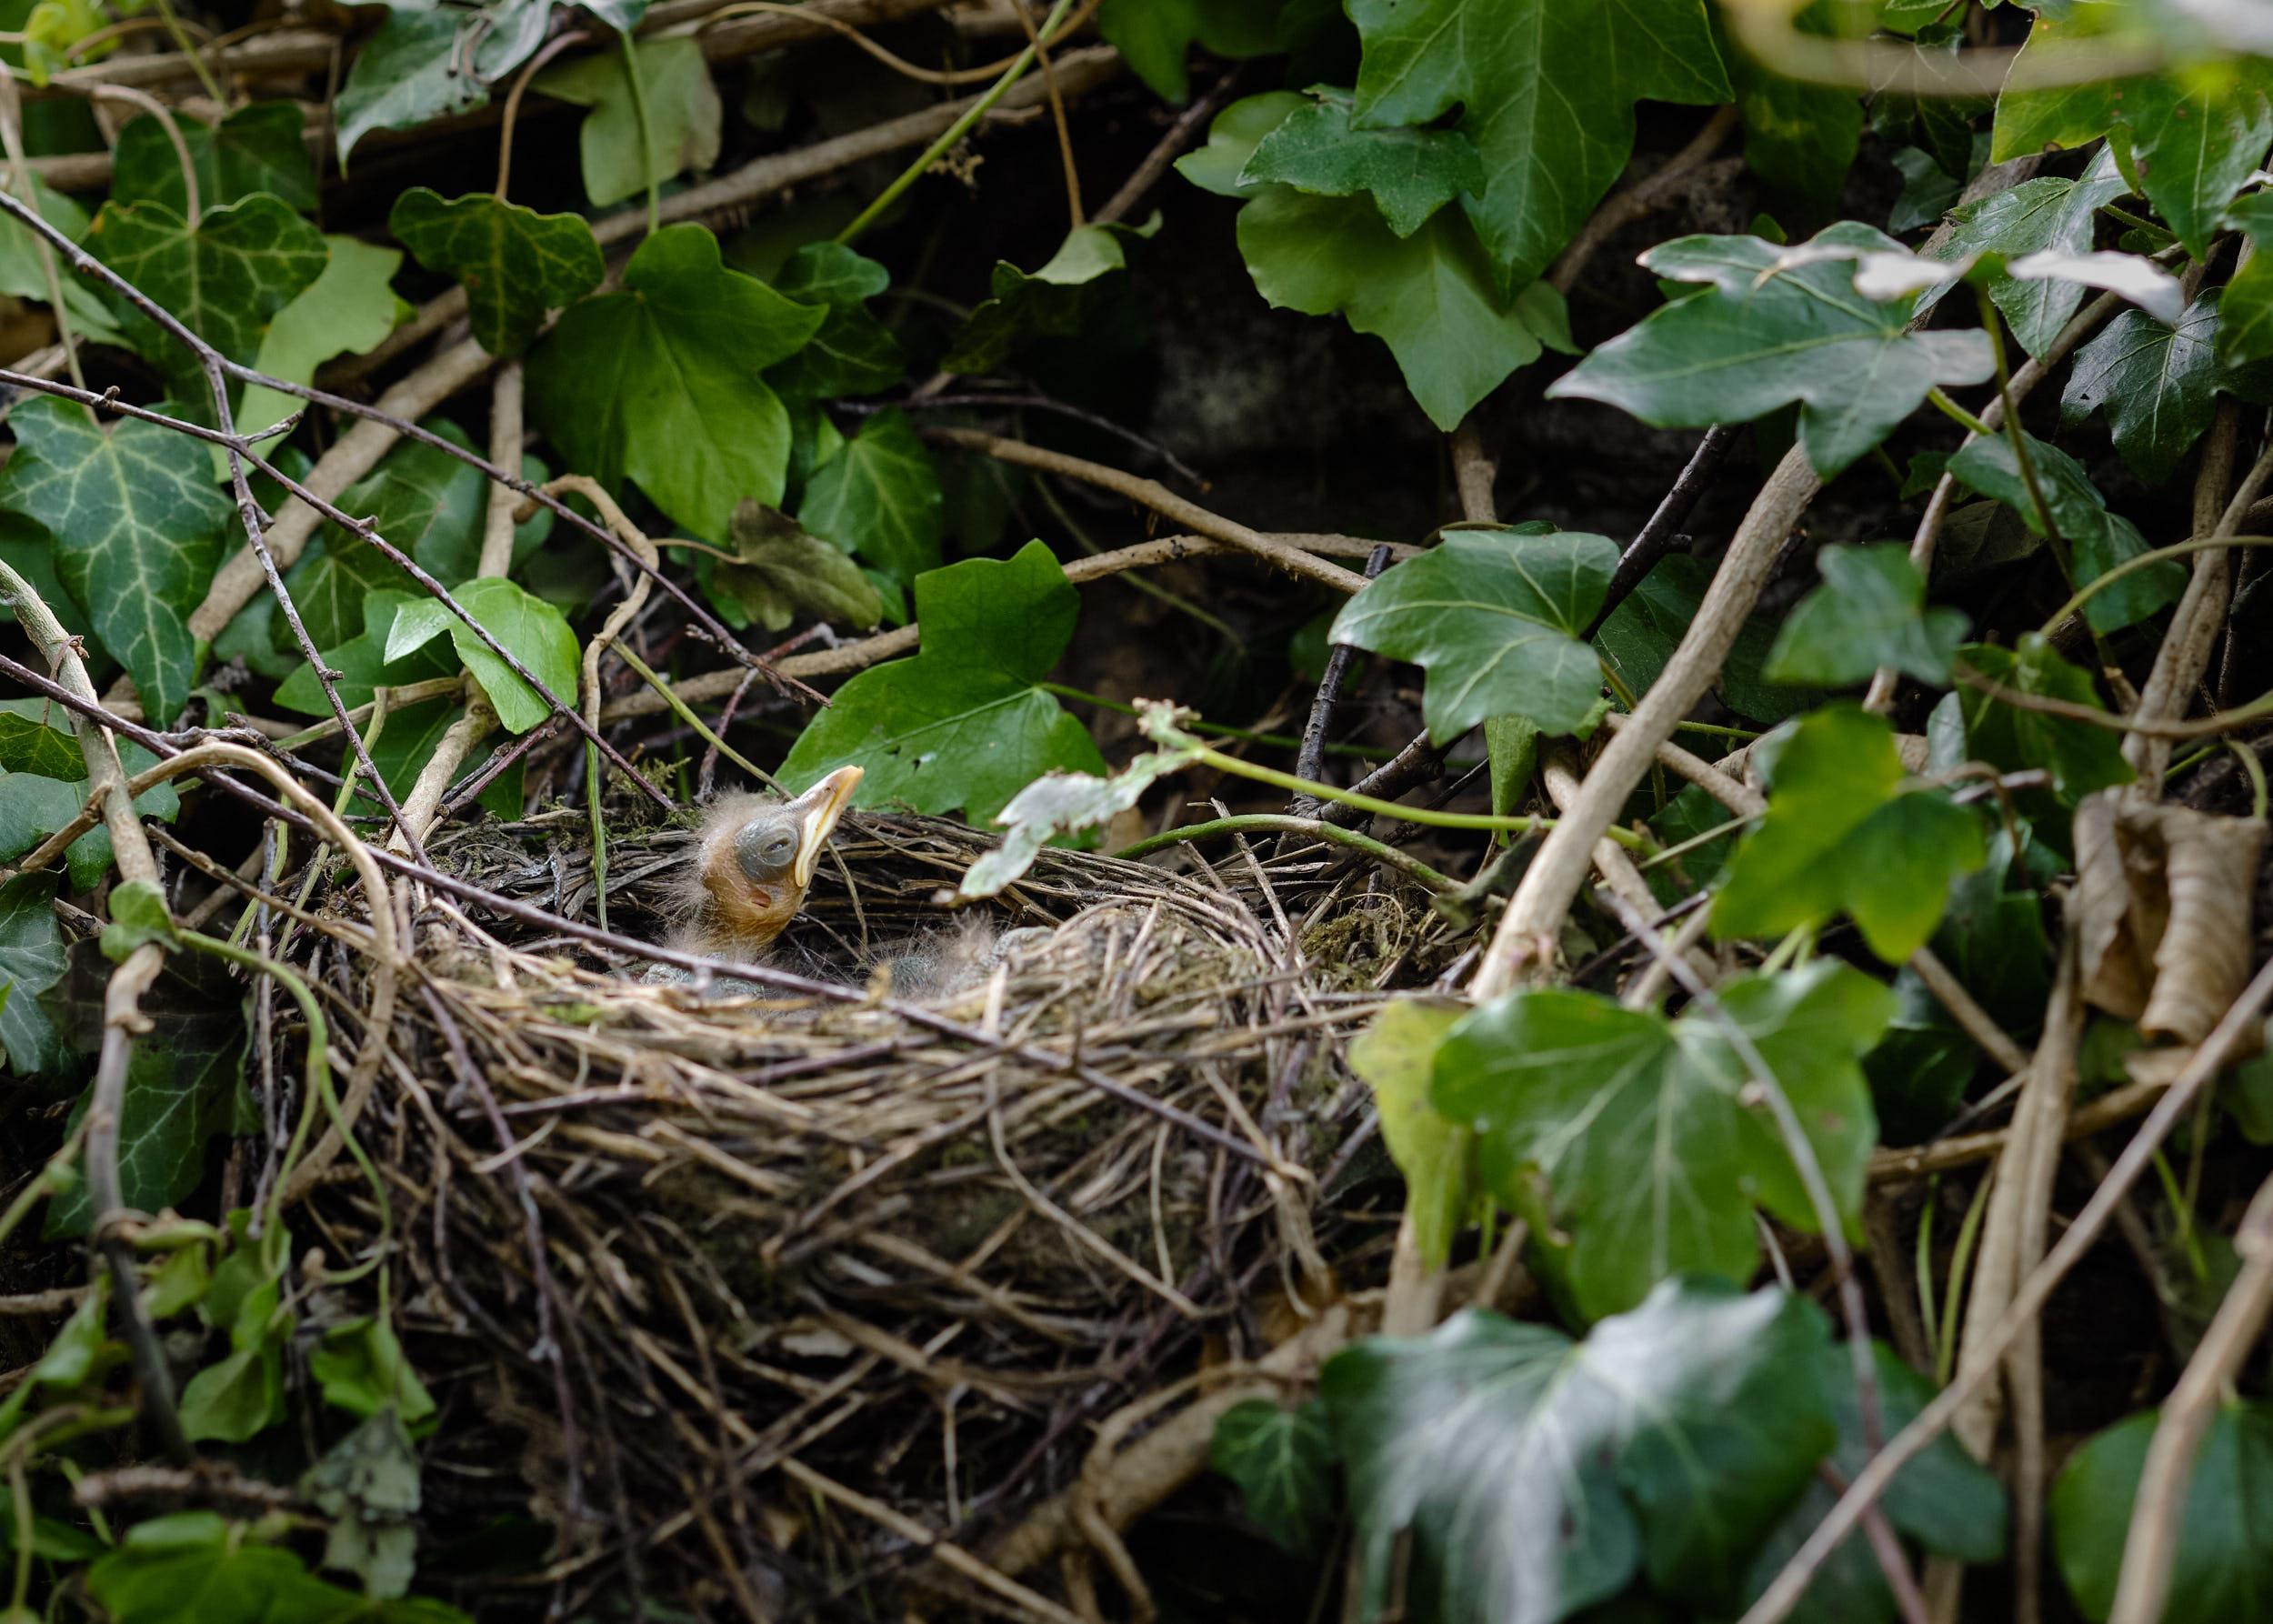 Amselküken im Nest